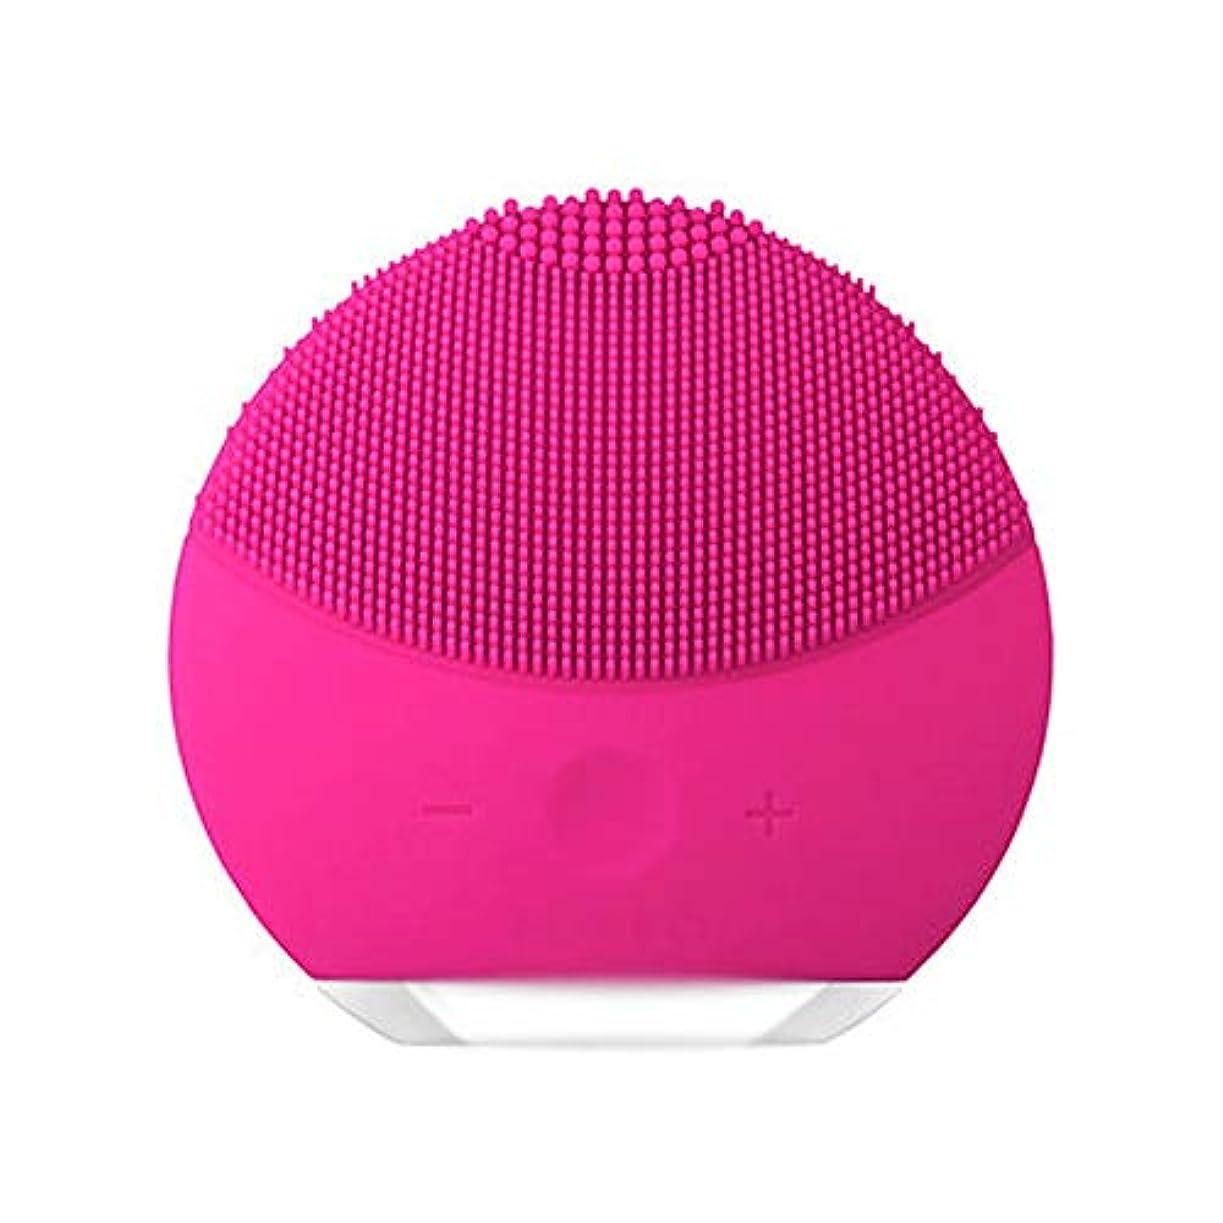 代わってに賛成アーサーコナンドイルHEHUIHUI- クレンジングブラシ、ディープクレンジングフェイシャル、防水性と振動性のクレンジングブラシ、アンチエイジング、優しい角質除去とマッサージ(ピンク) (Color : Red)